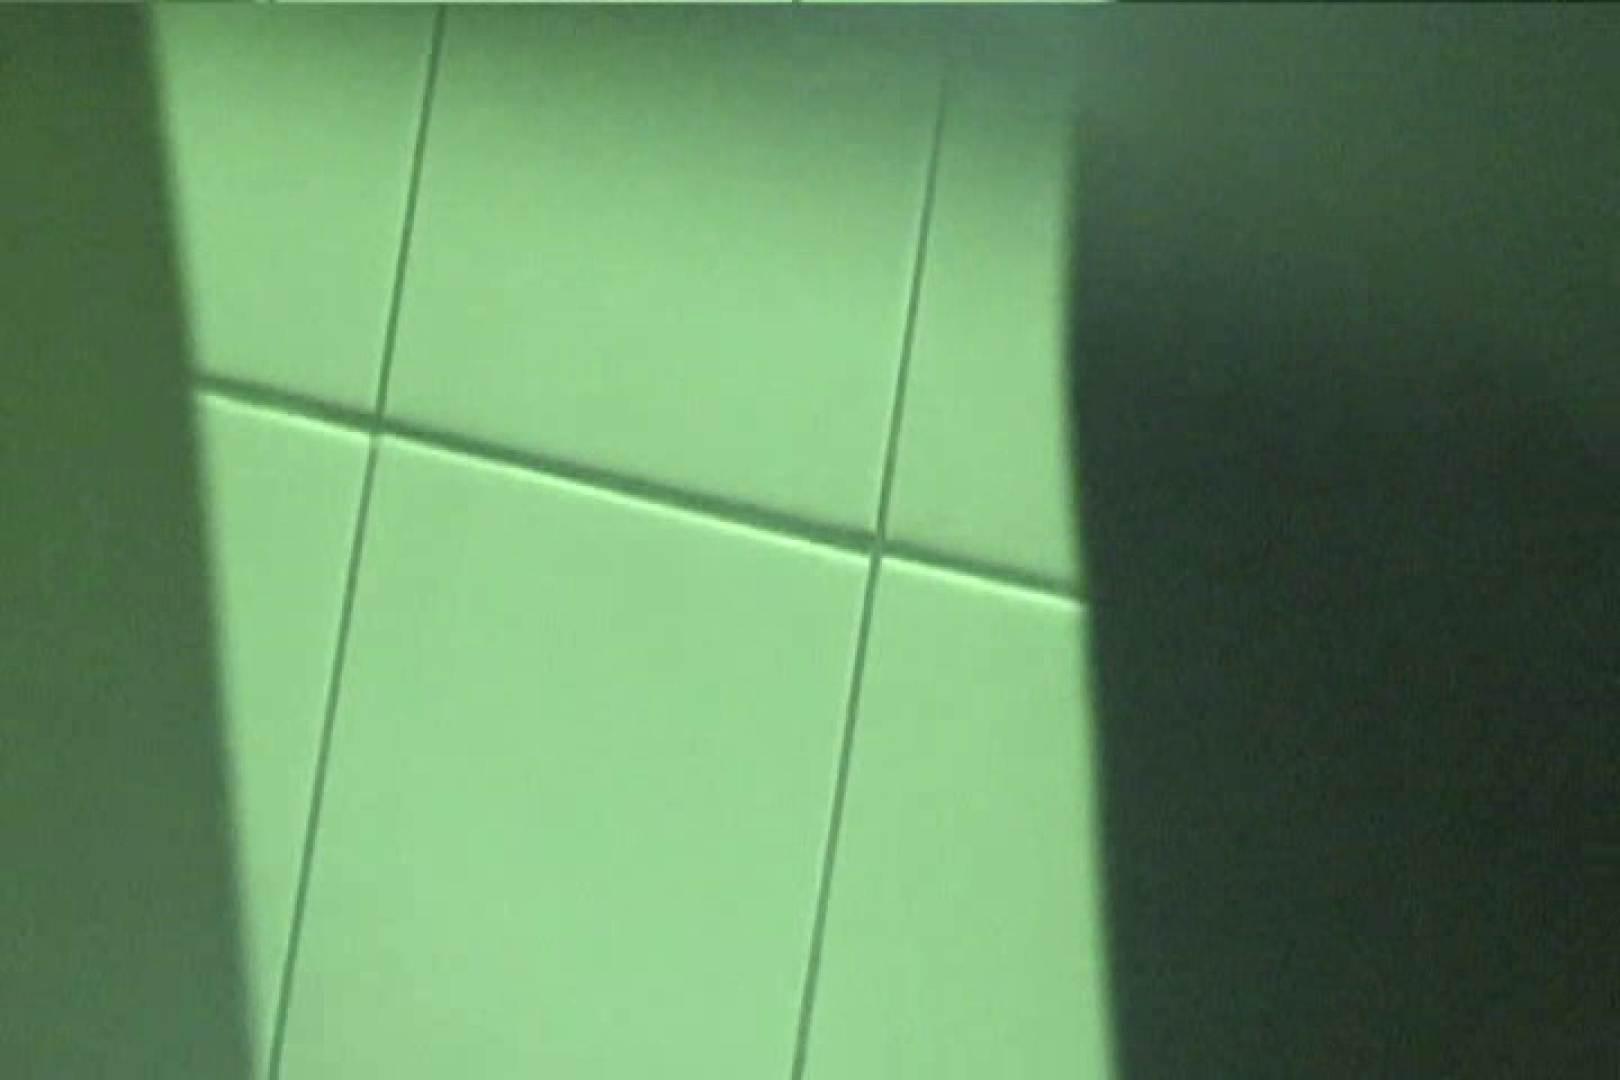 マンコ丸見え女子洗面所Vol.30 エロティックなOL | 洗面所はめどり  59画像 31